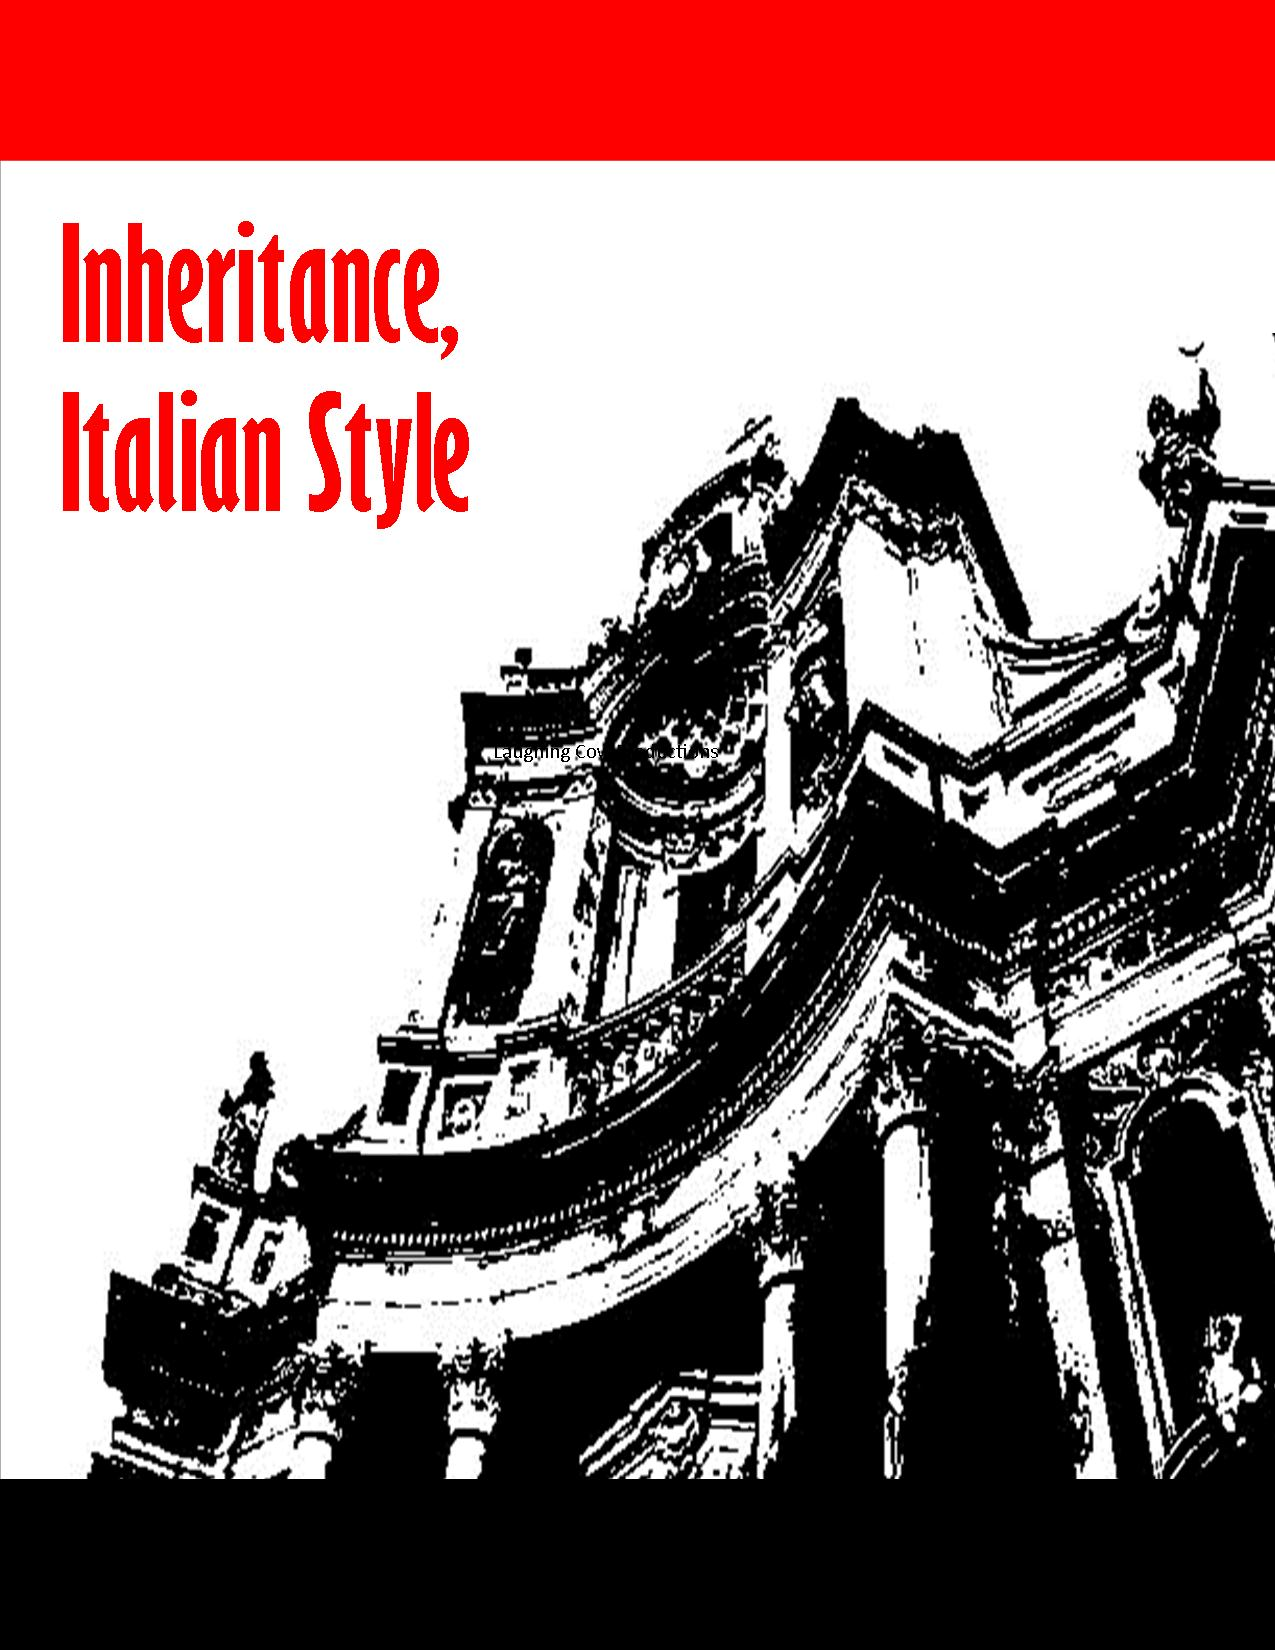 Inheritance, Italian Style